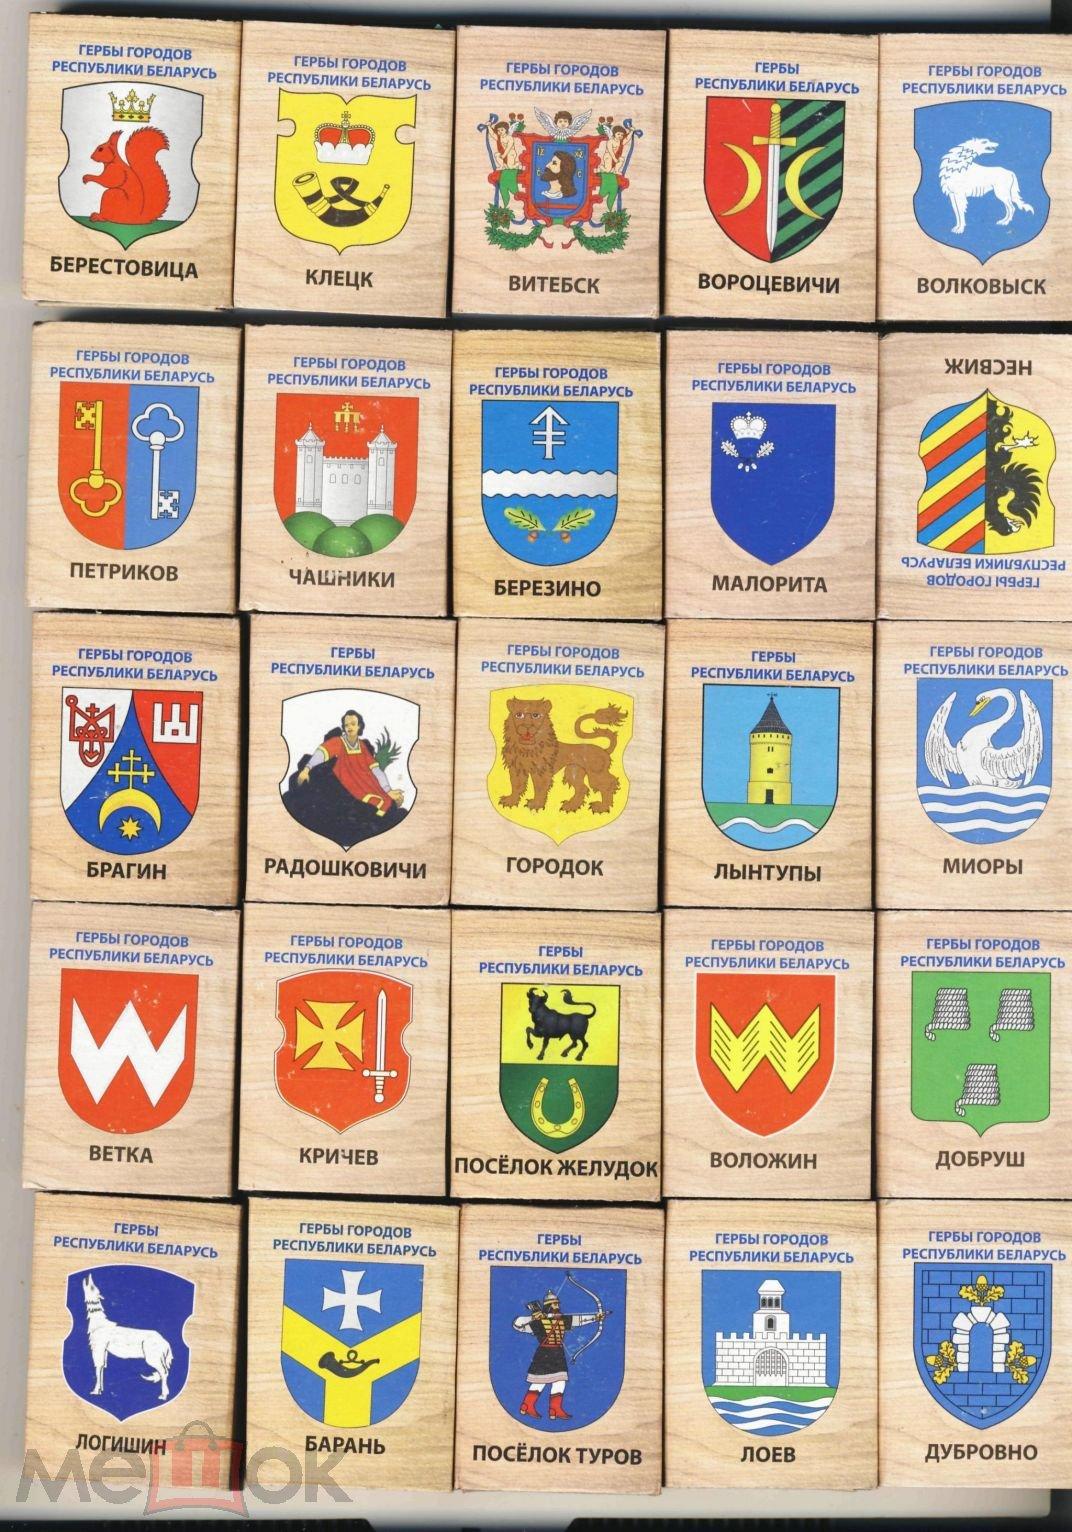 Гербы белорусских городов картинки с названиями, девочка